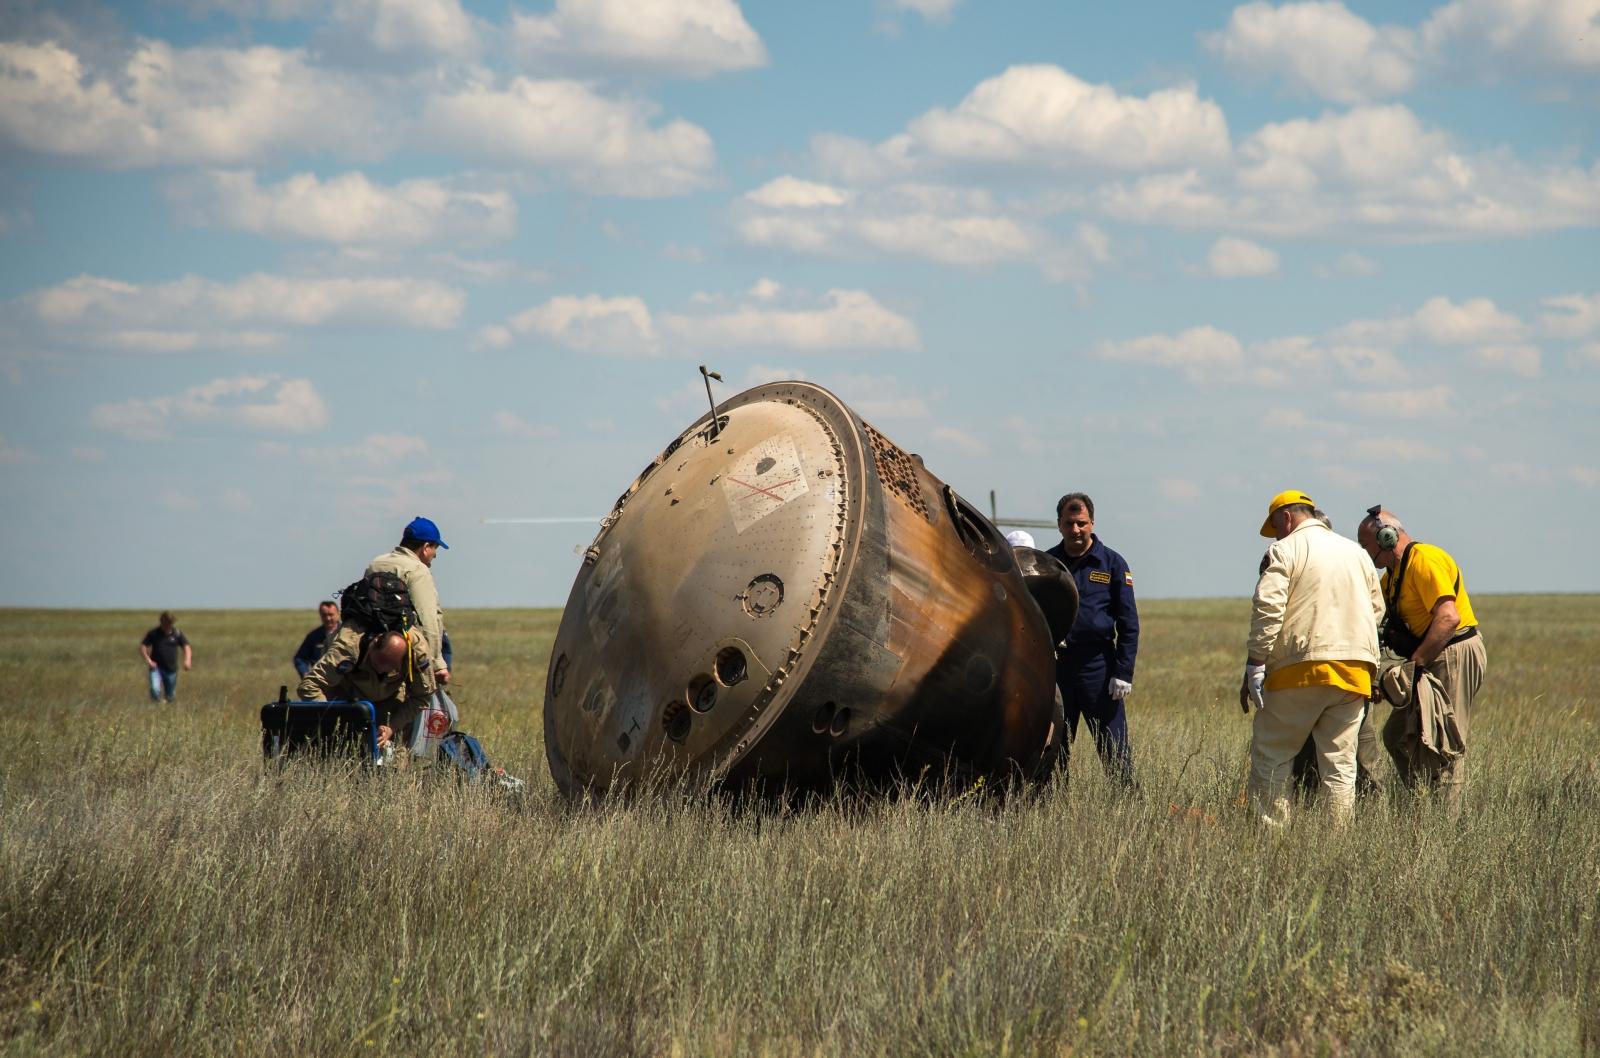 russian spacecraft soyuz - photo #32